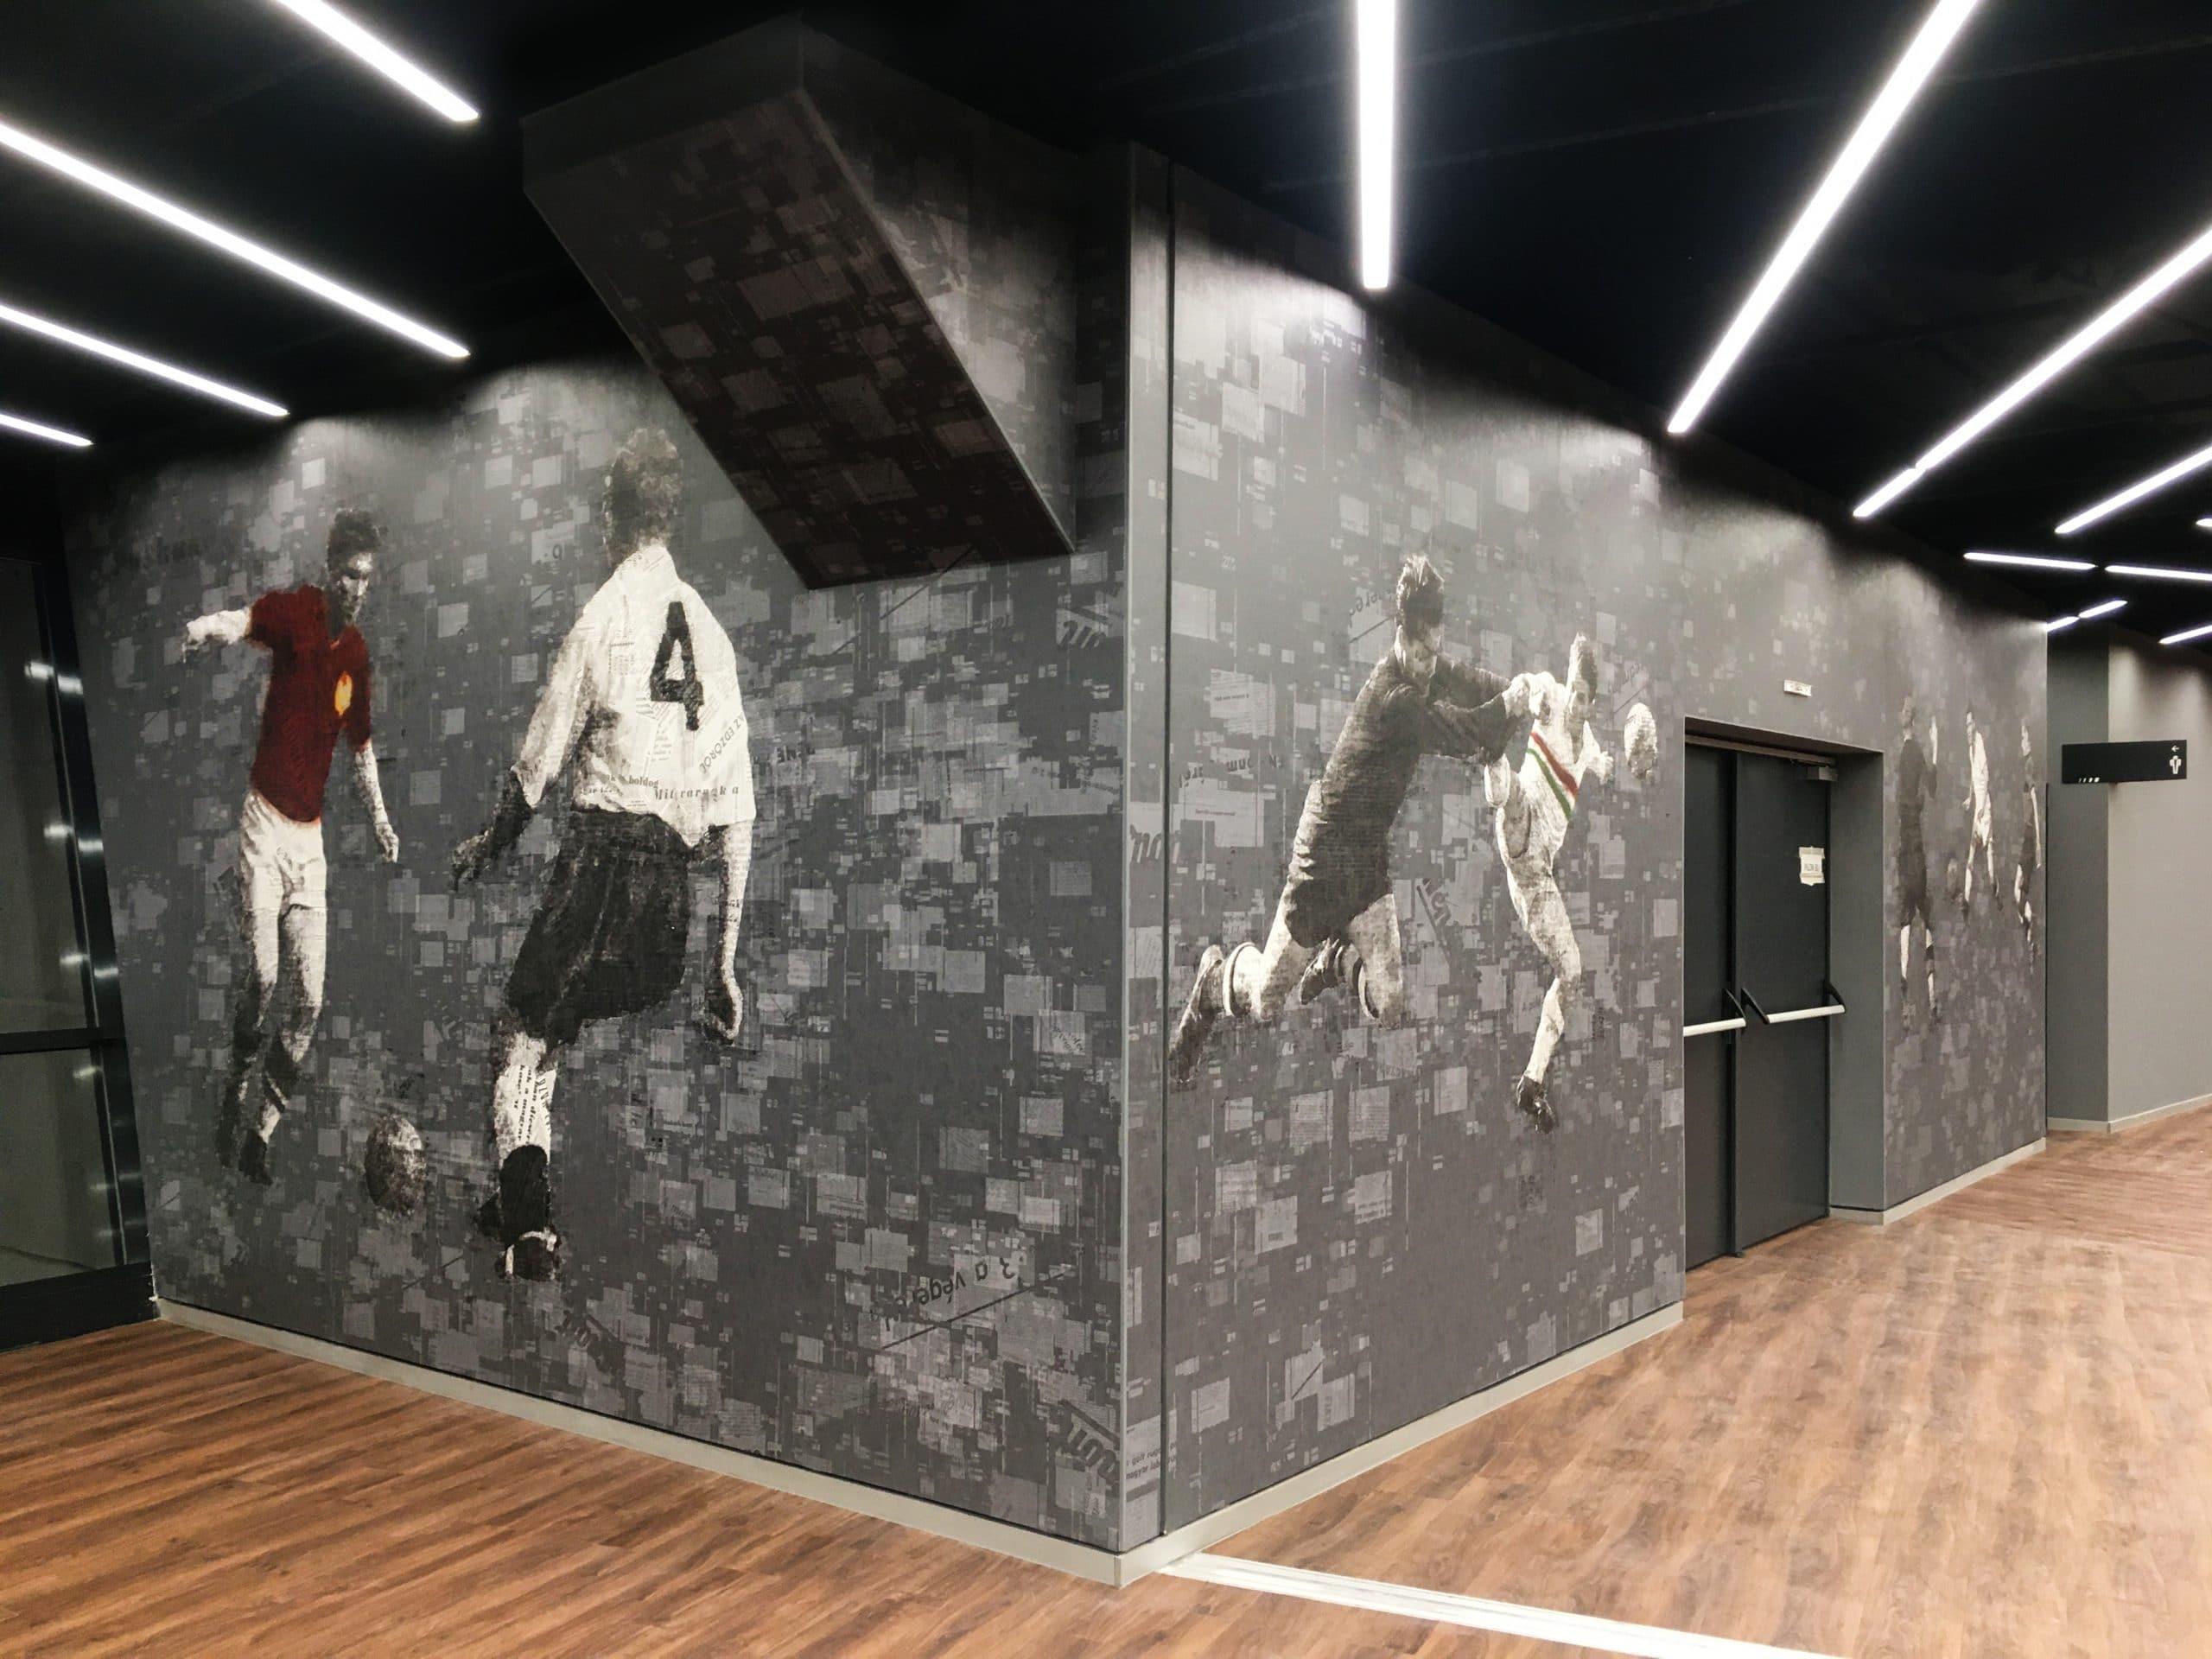 Fekete, fehér, szürke és vörös színekkel nyomtatott egész falat betöltő tapéta, ami focistákat ábrázol játék közben egy újságcikkekből összeállított kollázs formájában.